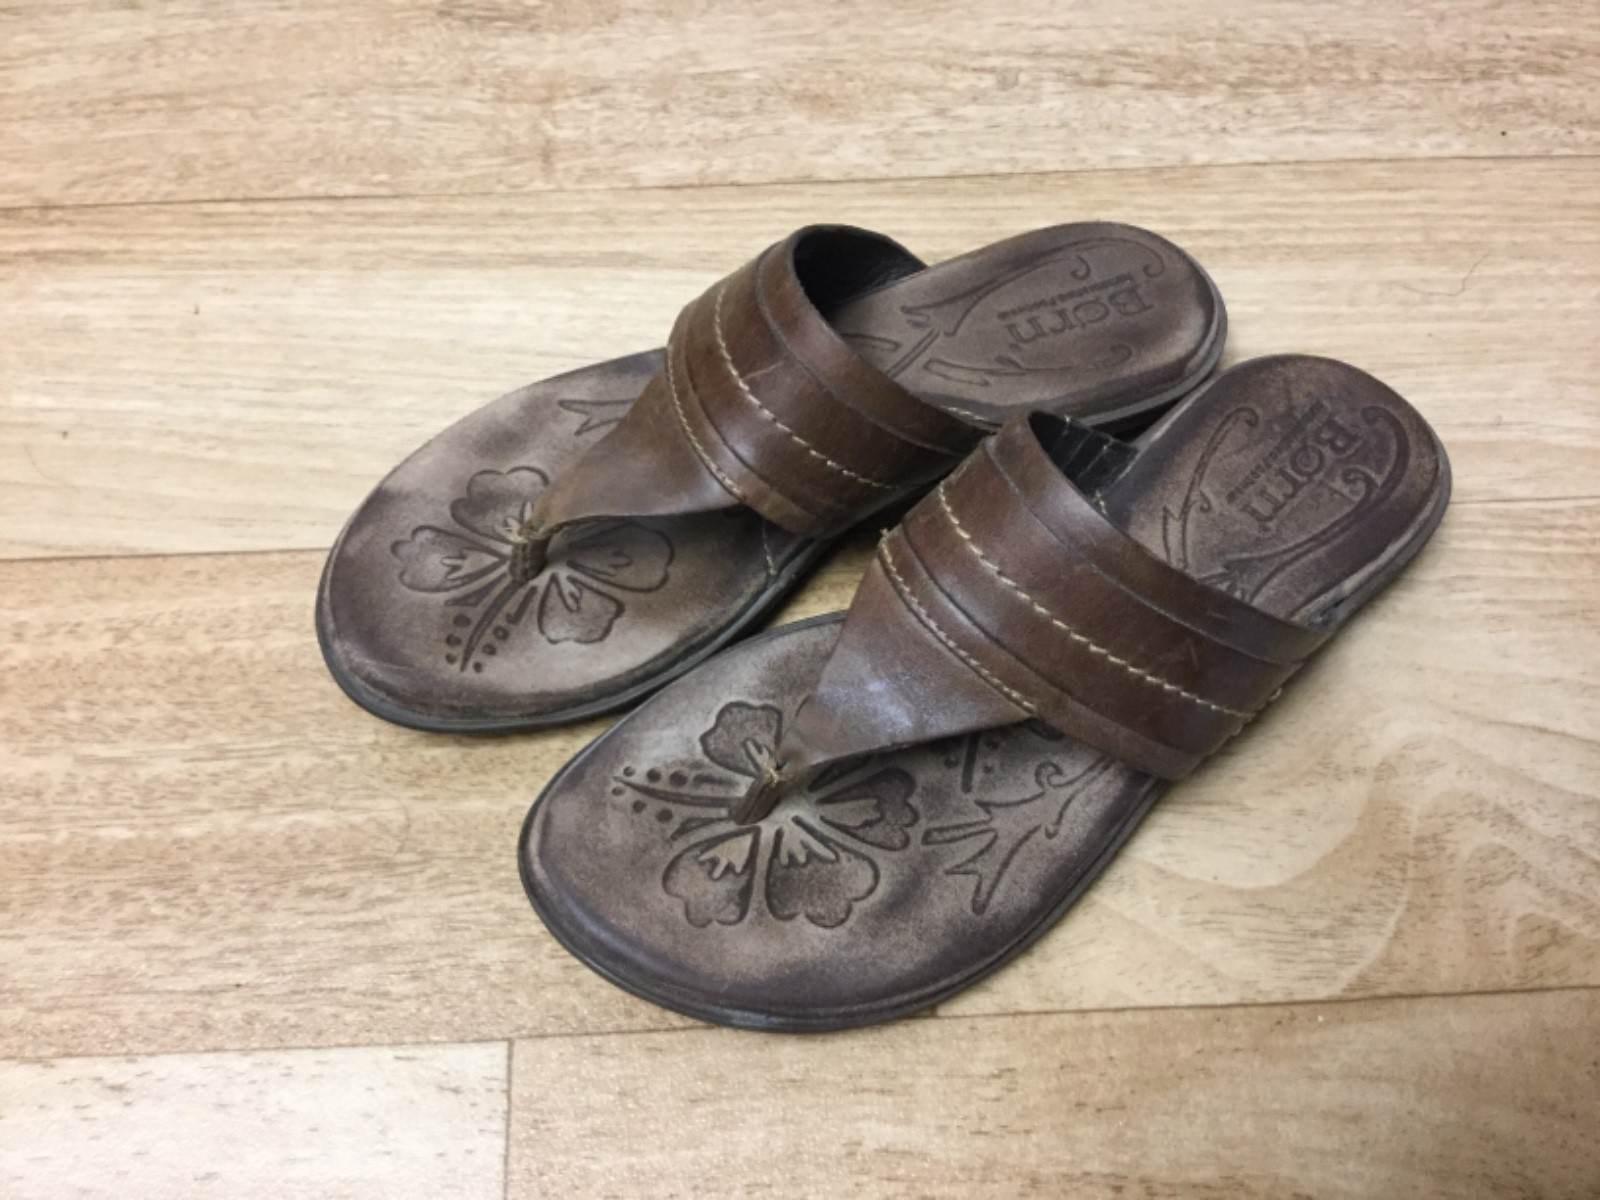 Born handcrafted footwear flop brown women's sandal flip flop footwear size 6 / 36.5 7798bd